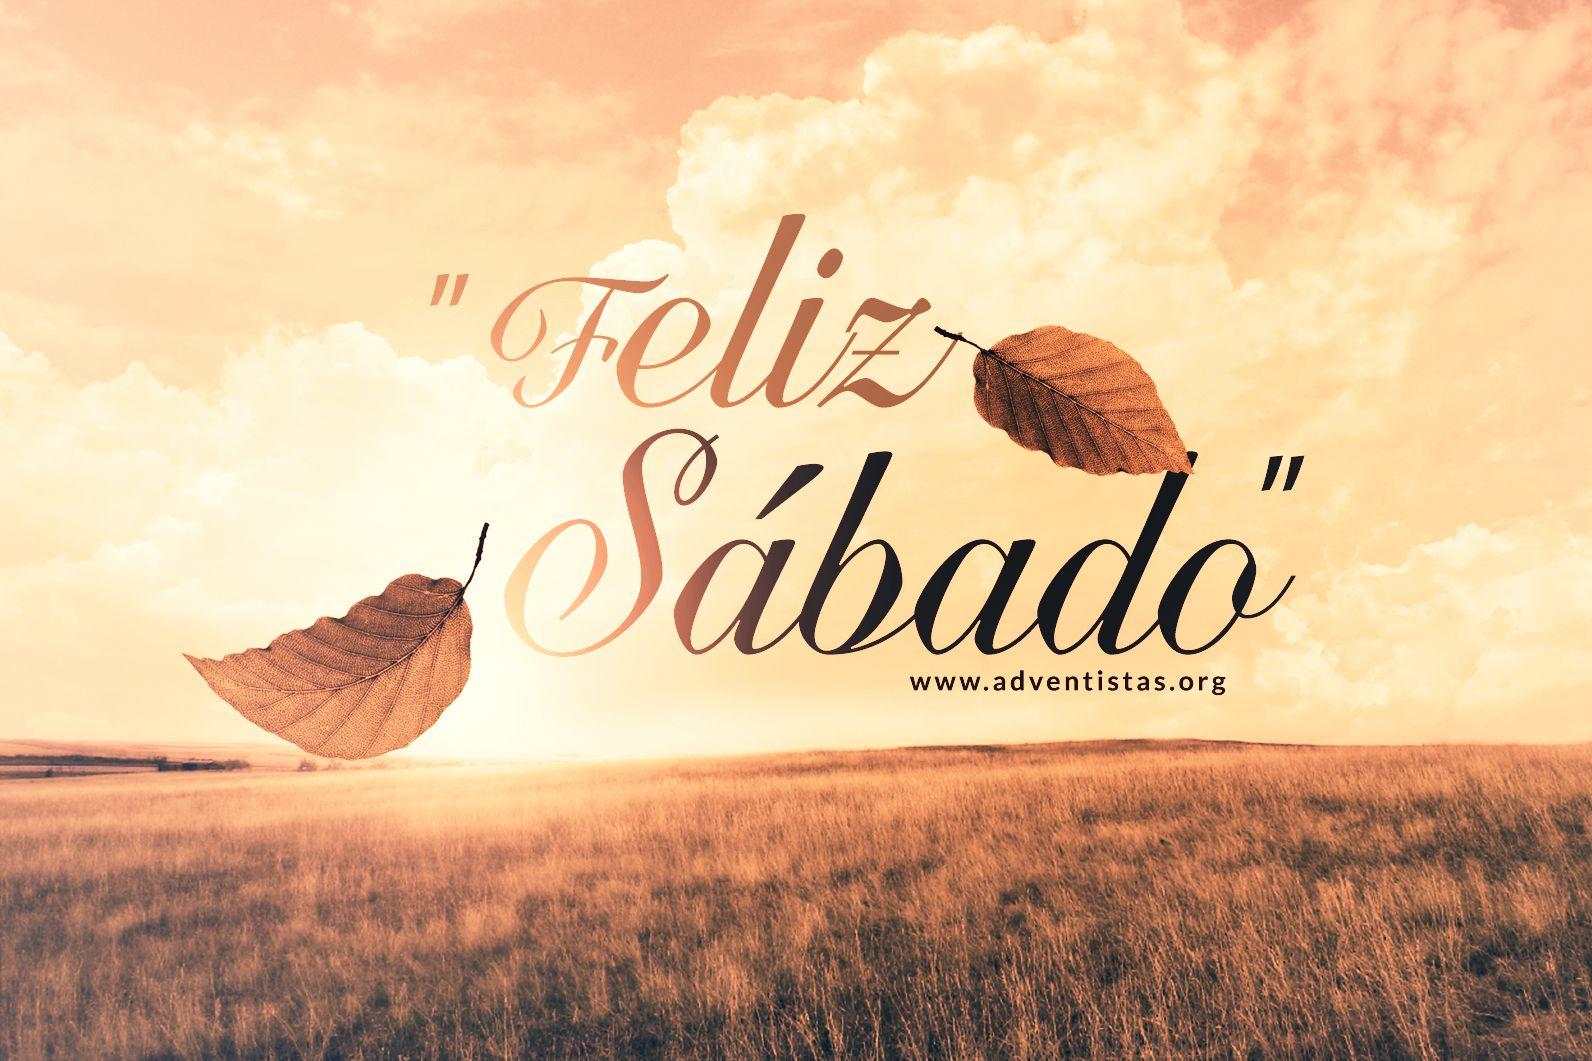 Felizsabado Mensagem Feliz Sabado Mensagem Para O Sabado